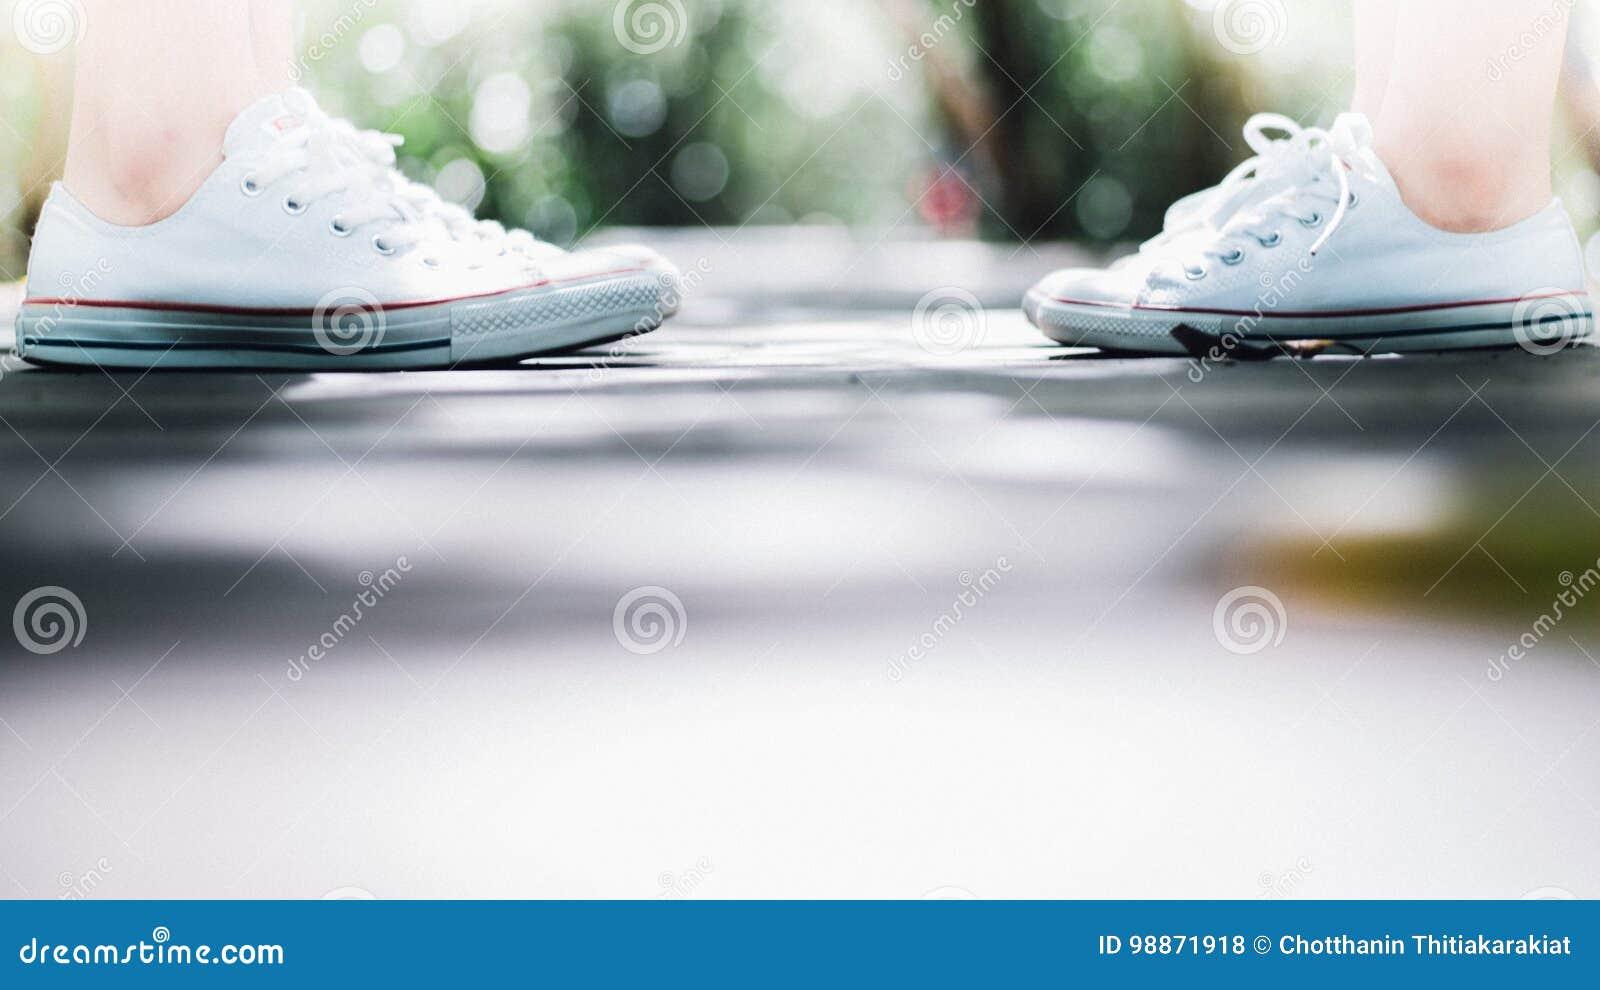 Ένα πάνινο παπούτσι ένδυσης ζευγών που στέκεται αντιμετωπίζει το ένα το άλλο κατά μήκος του τρόπου περιπάτων, έννοια αγάπης